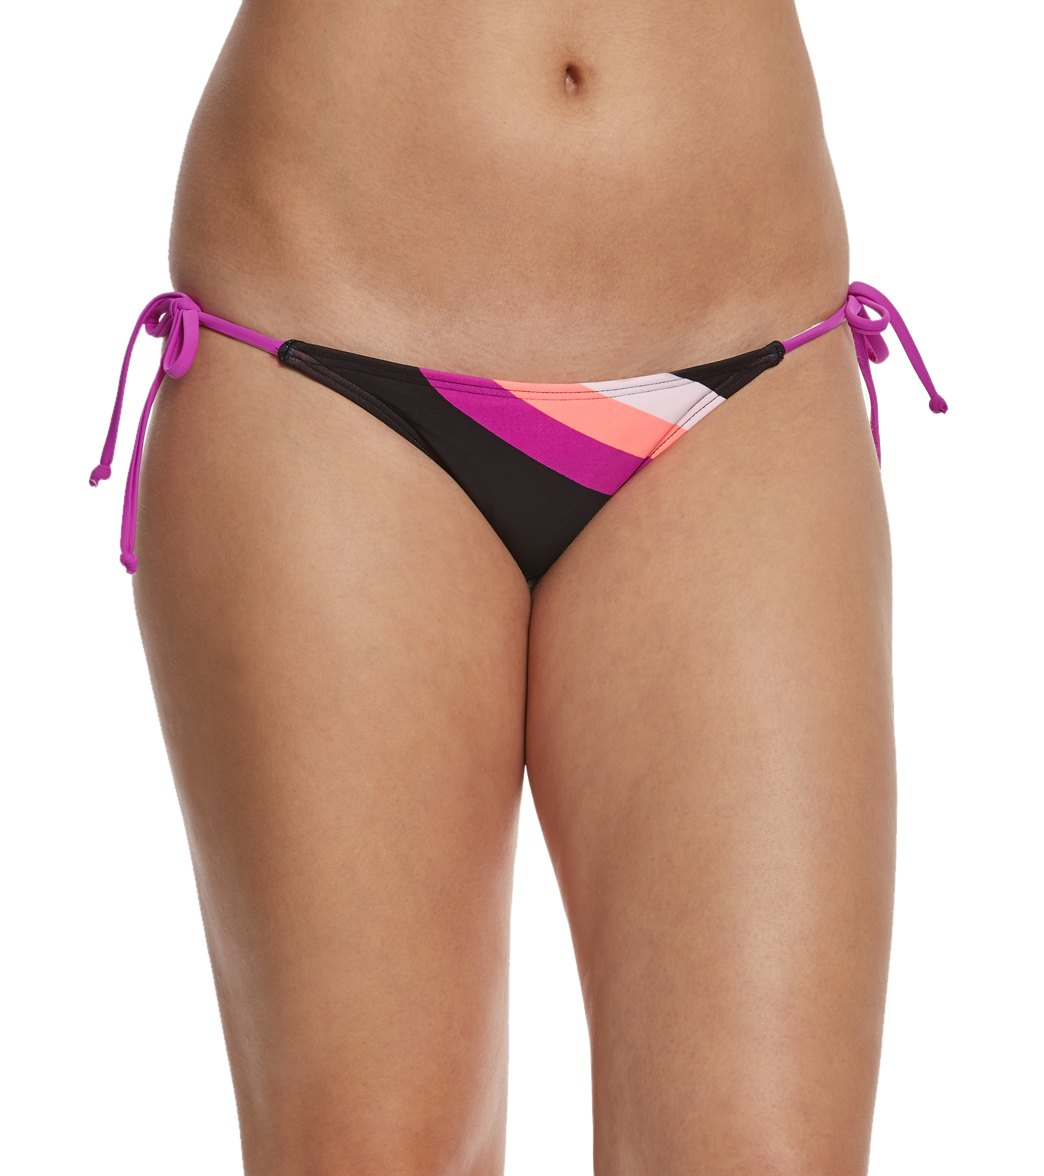 Fox Stereo Side Tie Bikini Bottom pattern Bikinis Acheter Pas Cher Marque Nouvelle Unisexe Choisir Une Meilleure Réduction Très À Vendre Pas Cher réal Meilleure Vente En Gros En Ligne VjeqUJM